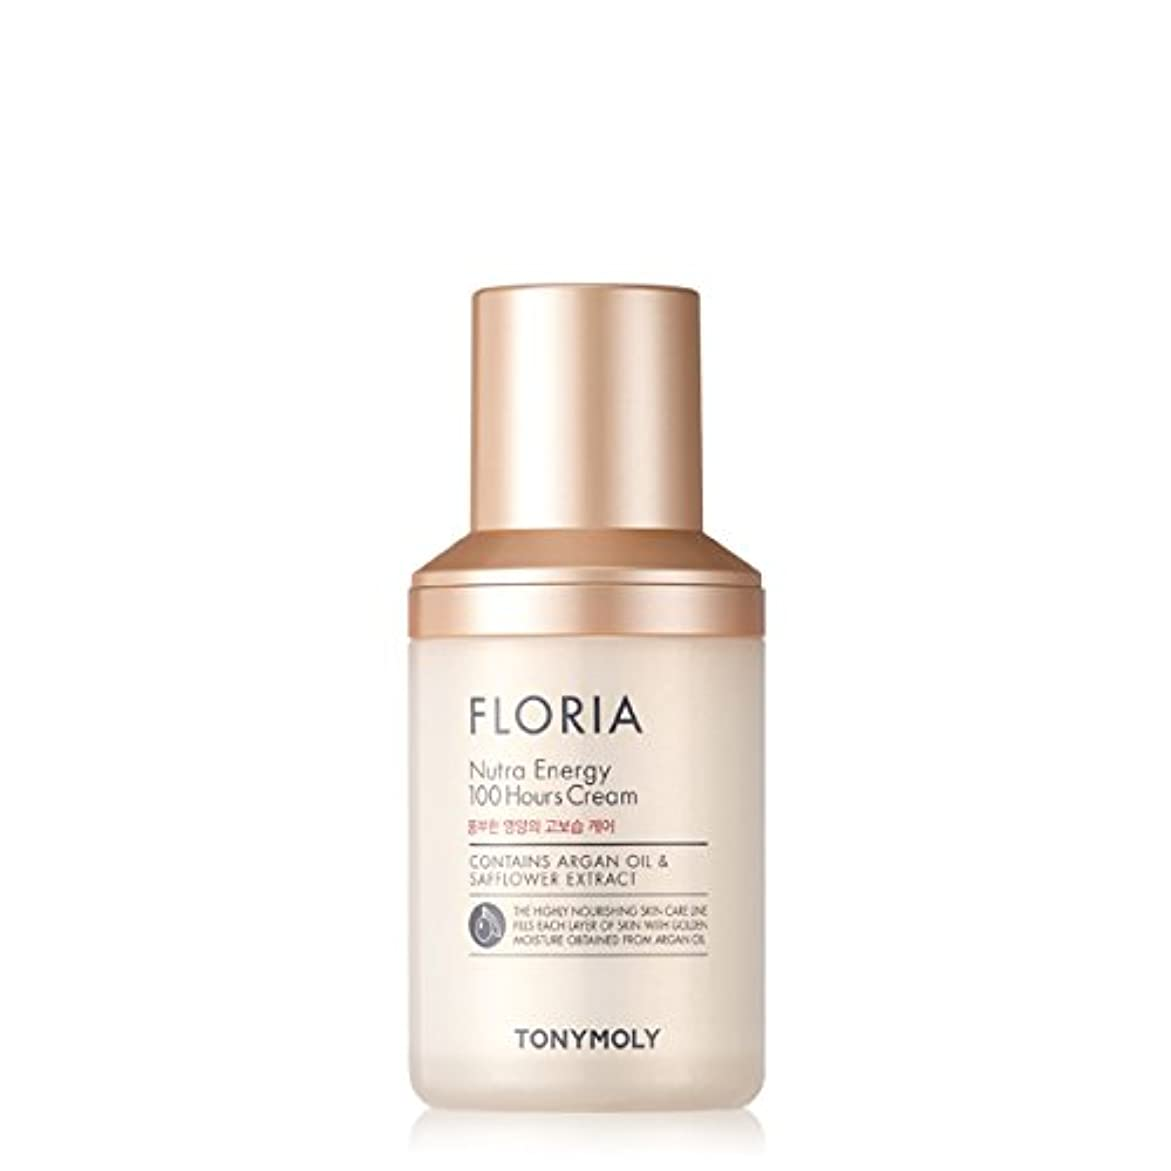 ホット木材郵便物[NEW] TONY MOLY Floria Nutra energy 100 hours Cream 50ml トニーモリー フローリア ニュートラ エナジー 100時間 クリーム 50ml [並行輸入品]